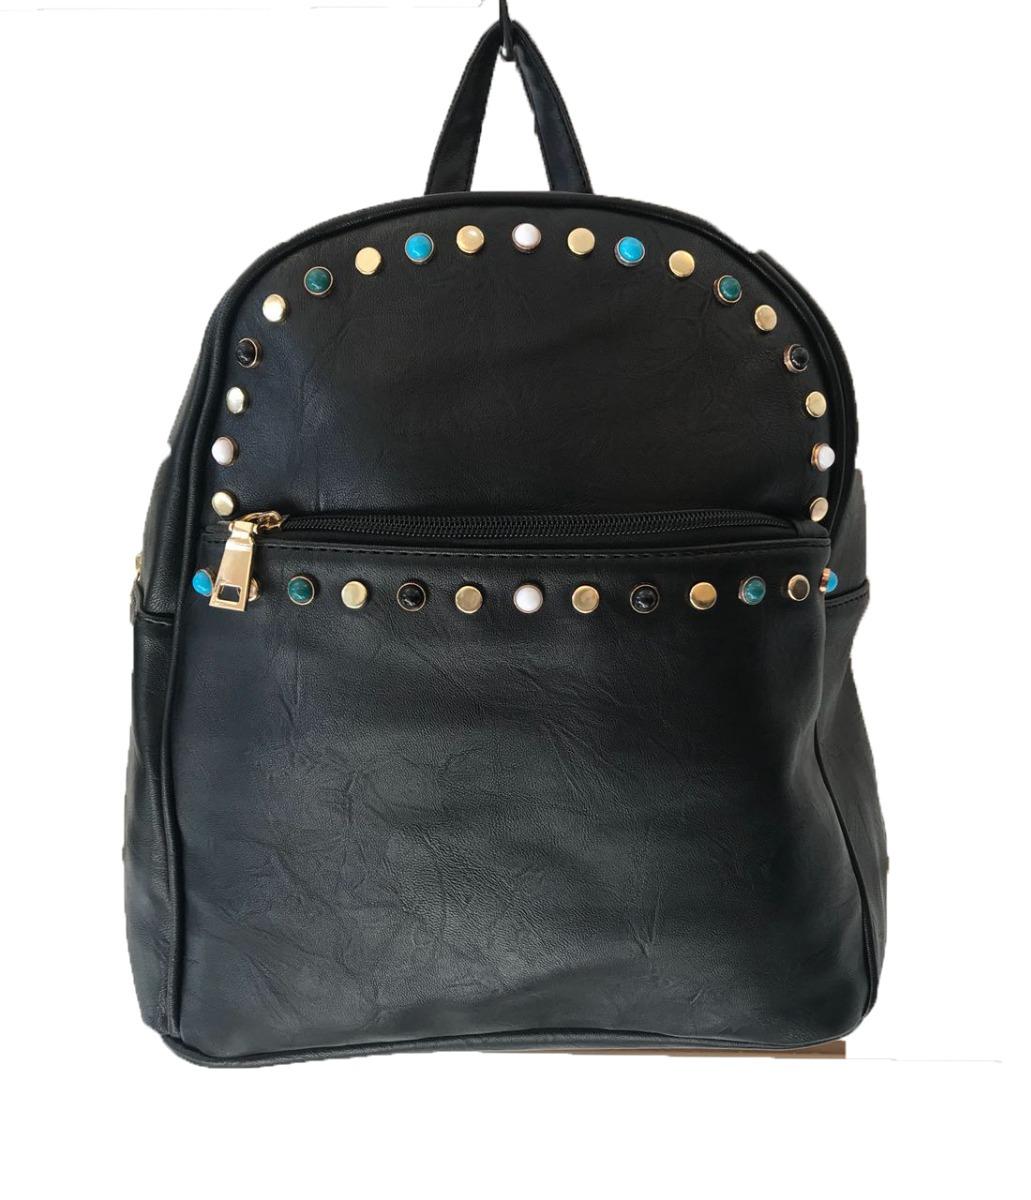 bdc010ed16c mochila negras para dama cartera de mujer varios diseños. Cargando zoom.